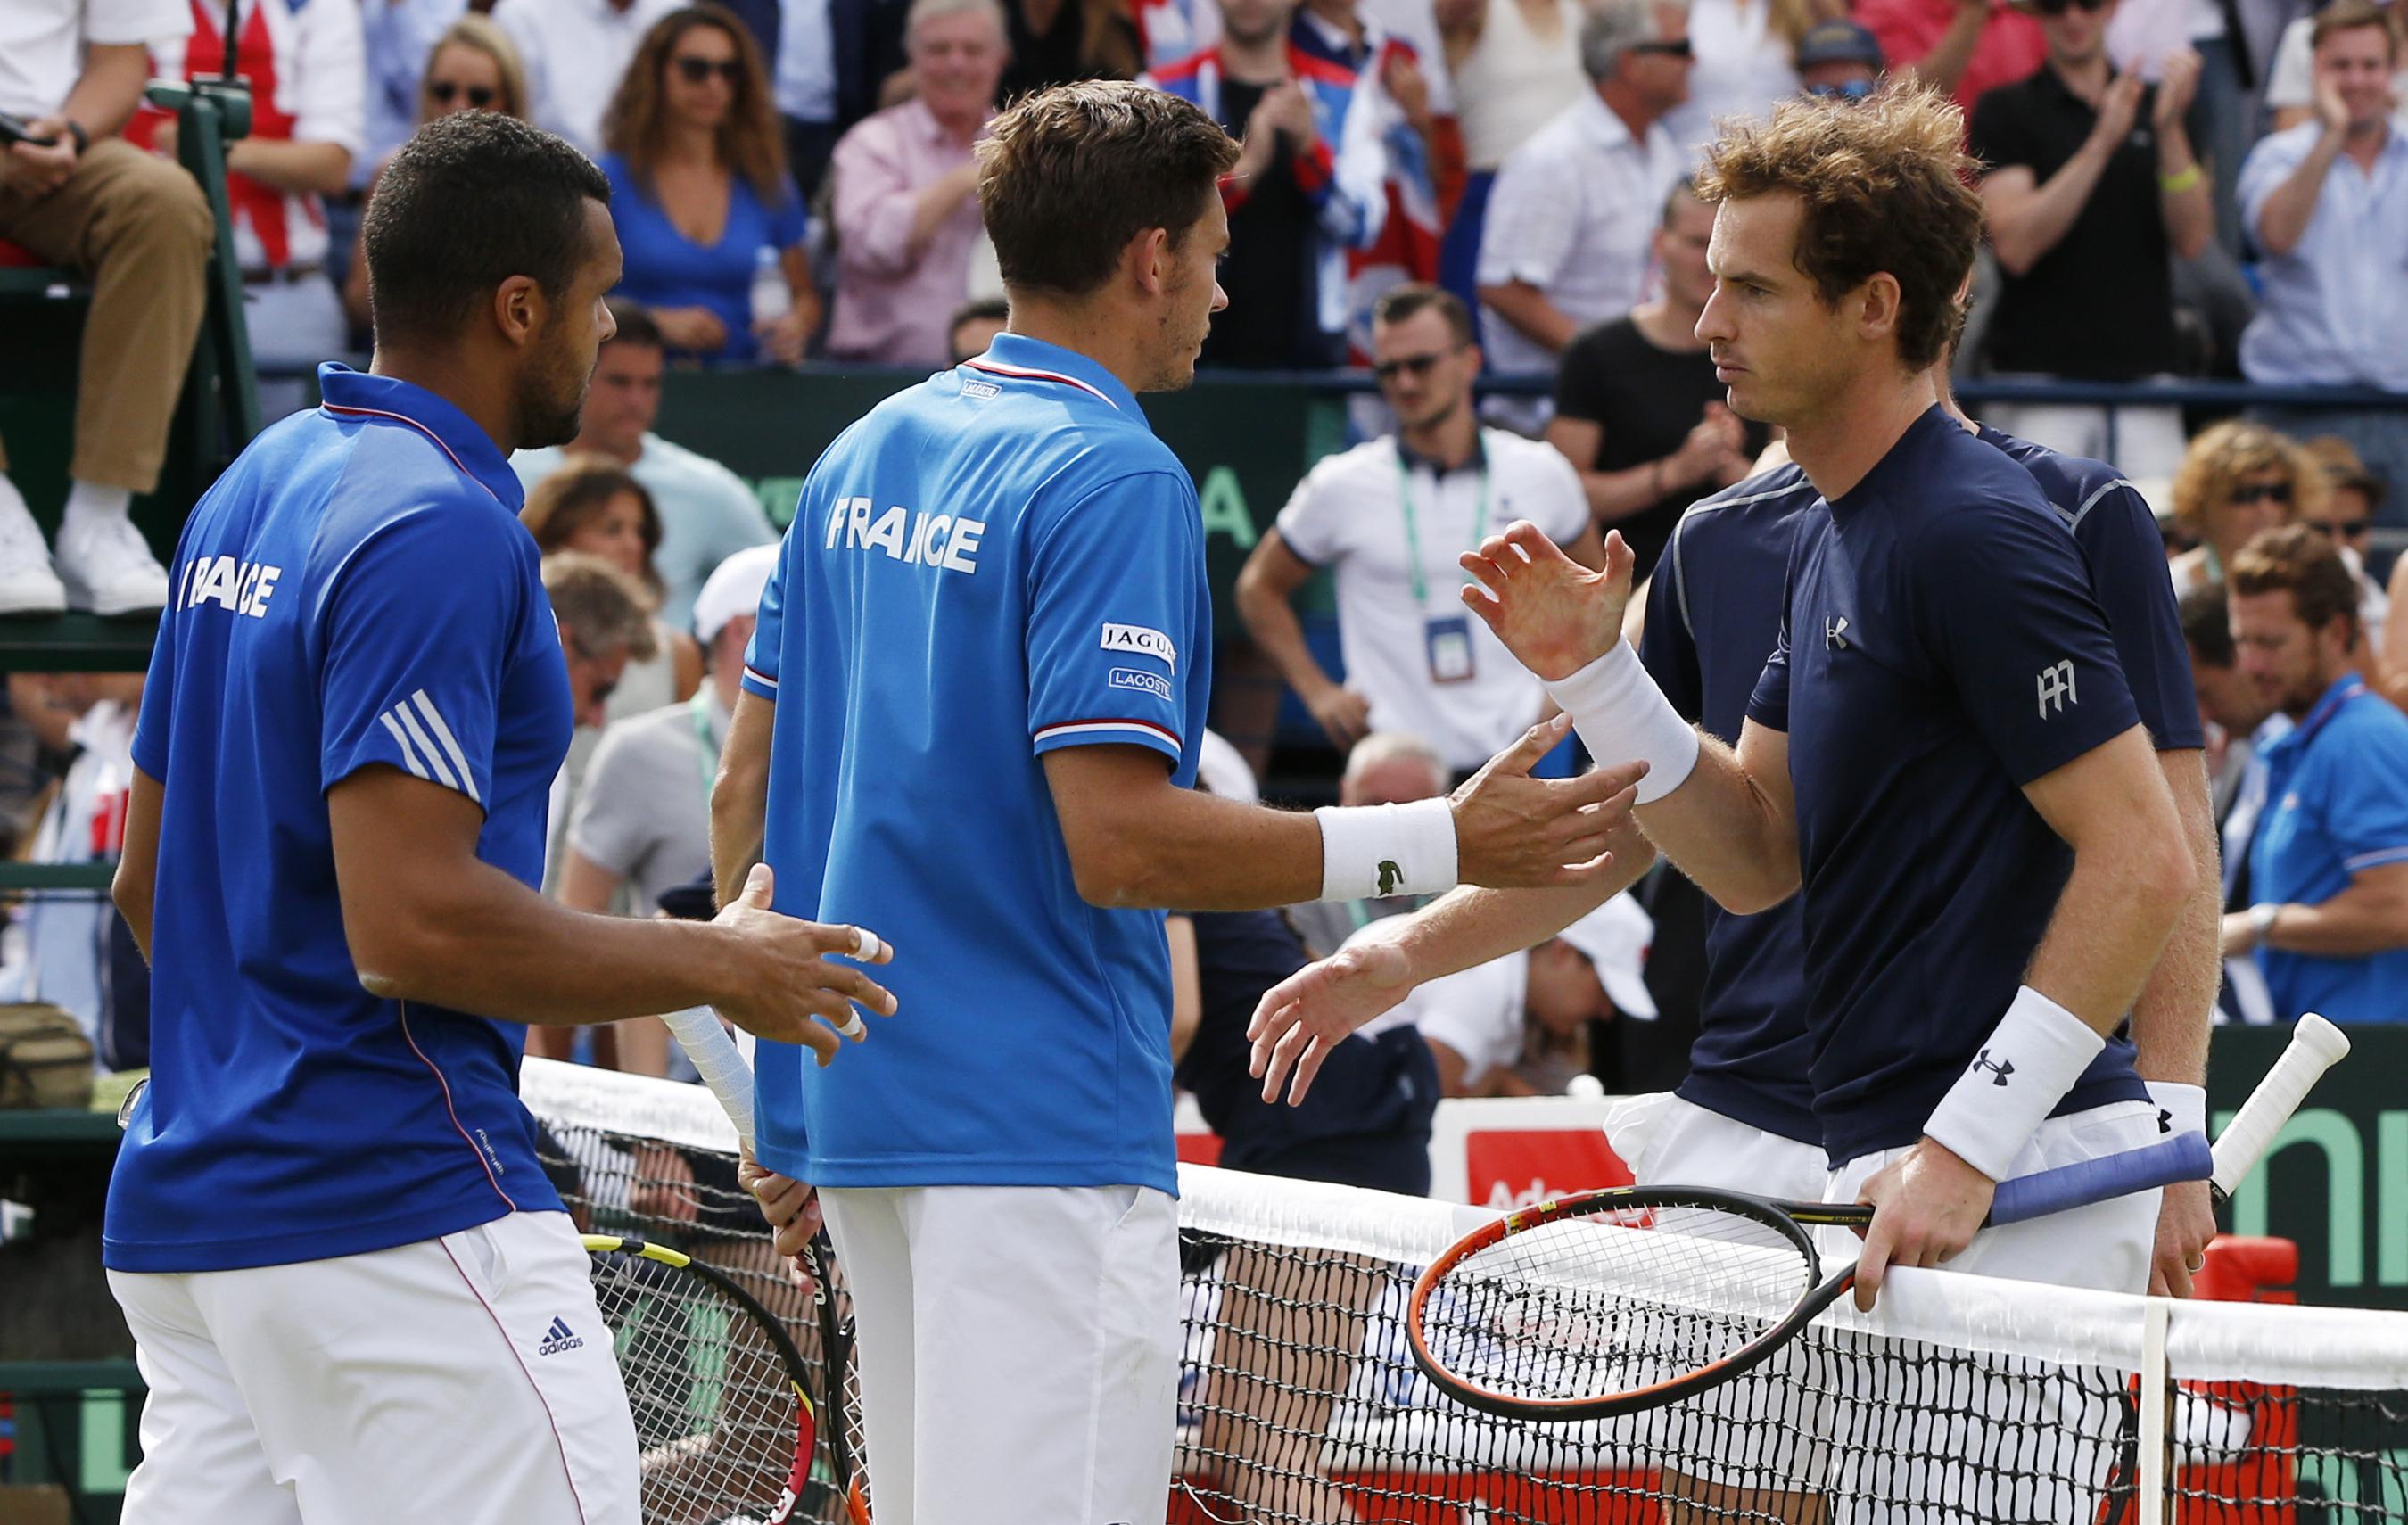 Tennis - Coupe Davis - Le ciel s?obscurcit pour les Bleus